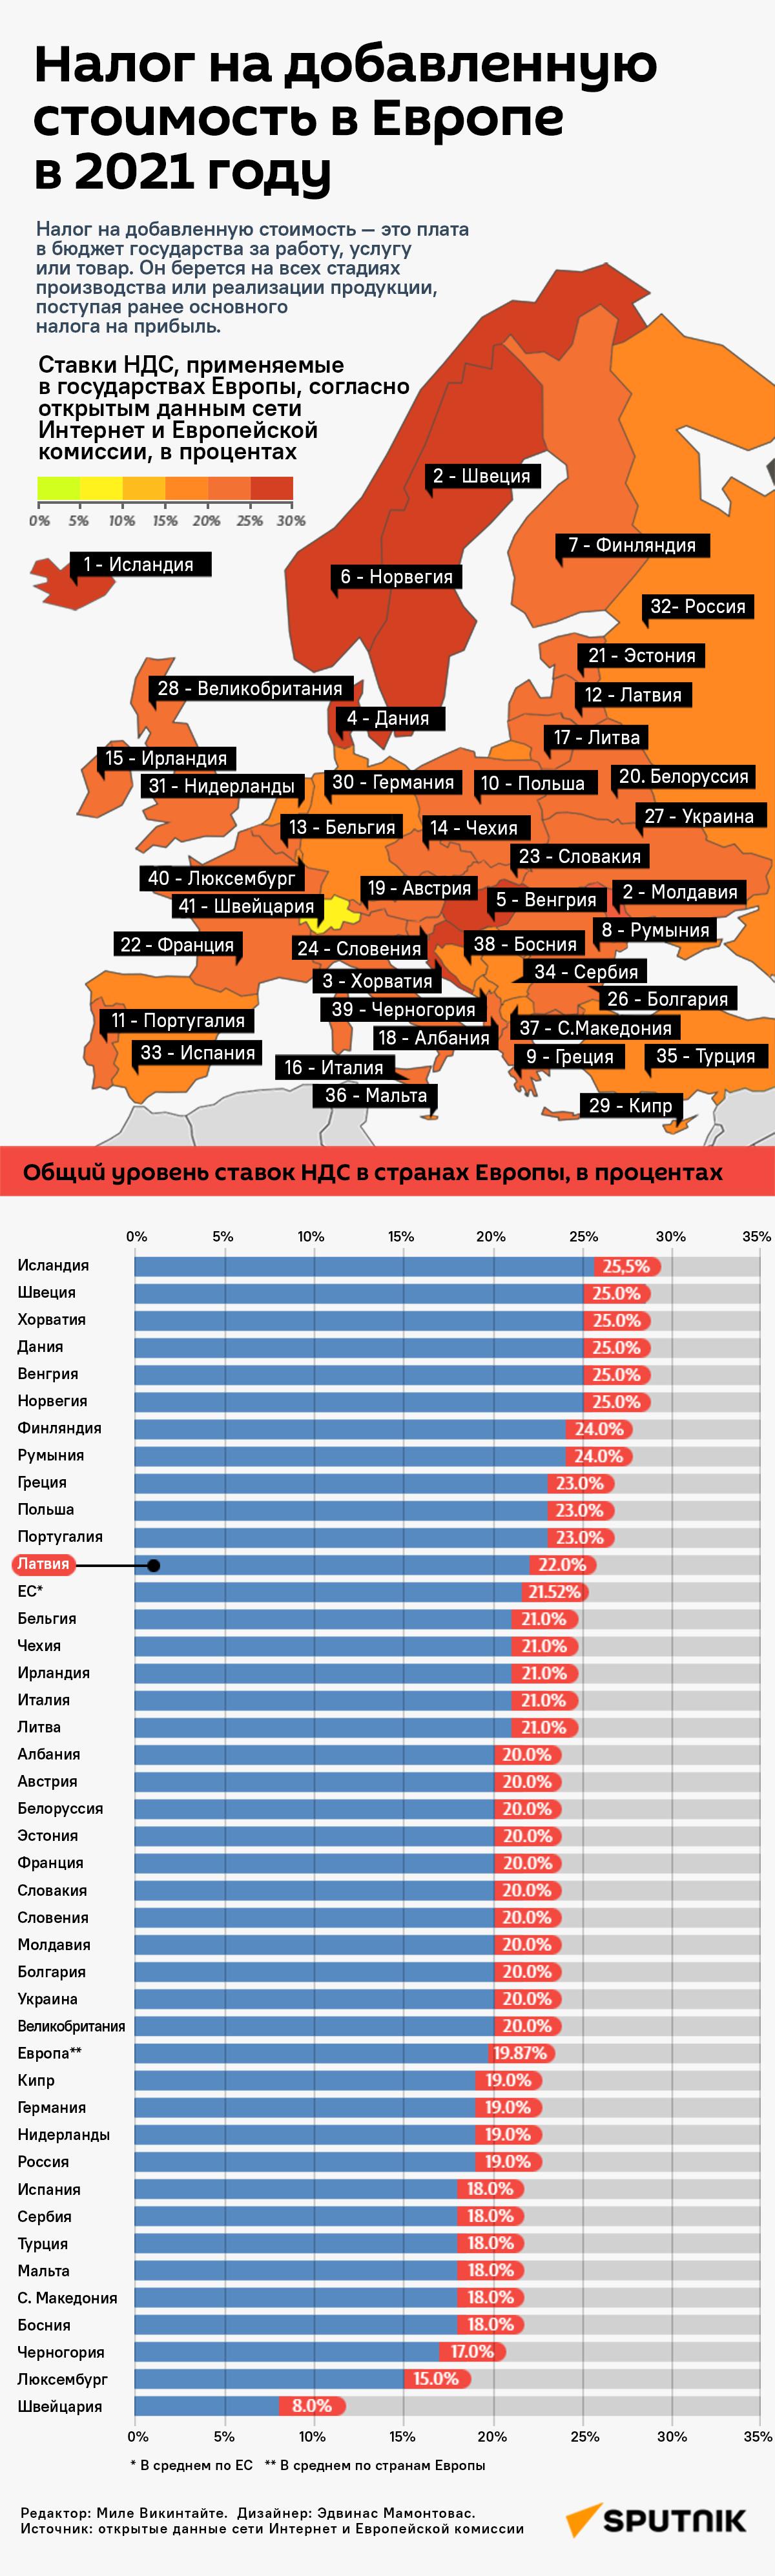 Налог на добавленную стоимость в Европе в 2021 году - Sputnik Латвия